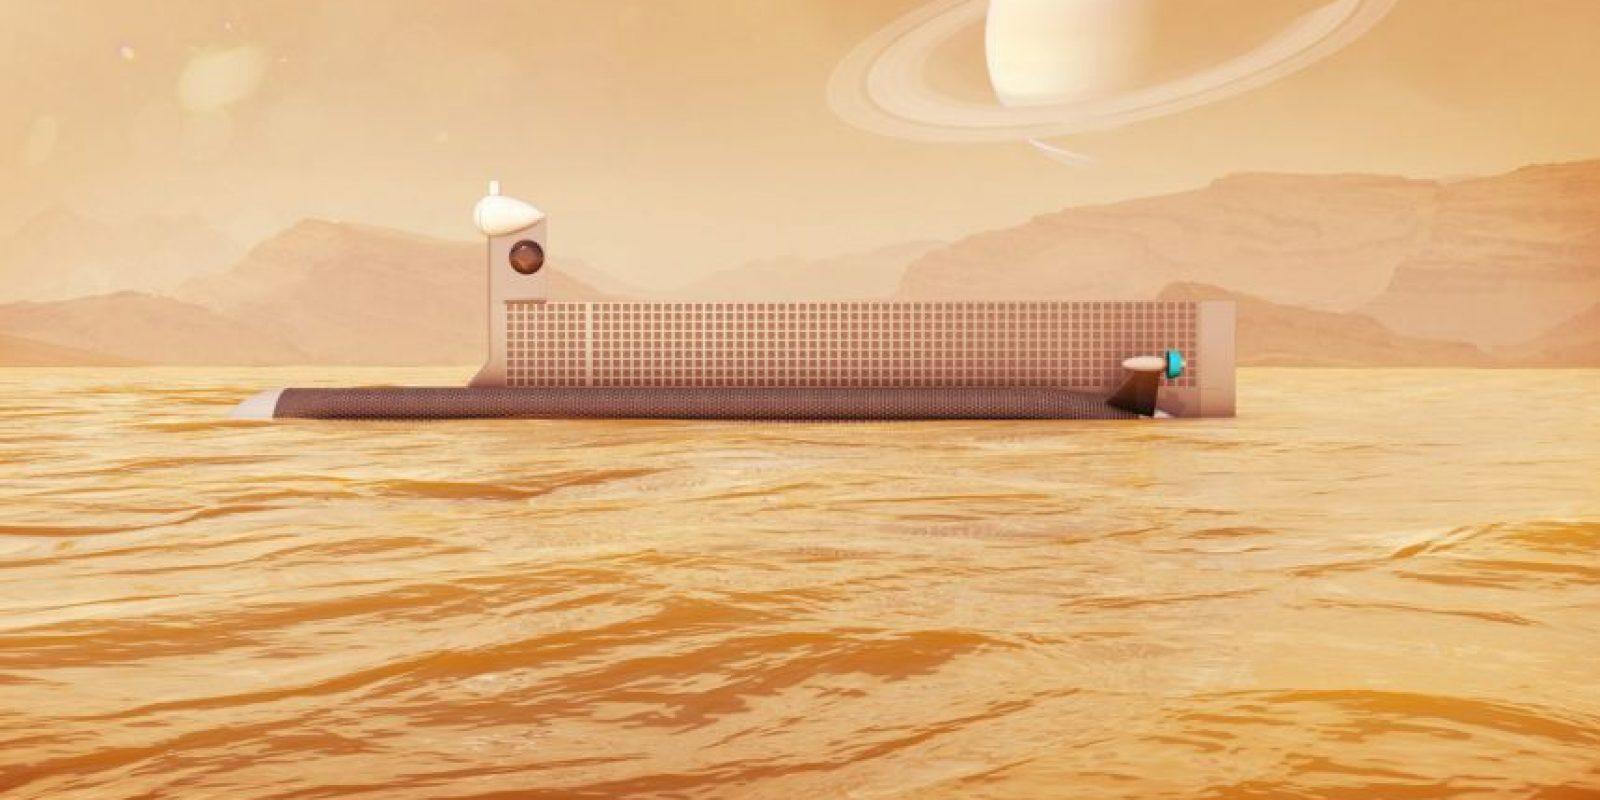 El diseño de la NASA para un submarino robótico capaz de explorar los mares de Titán, la luna de Saturno. / NASA